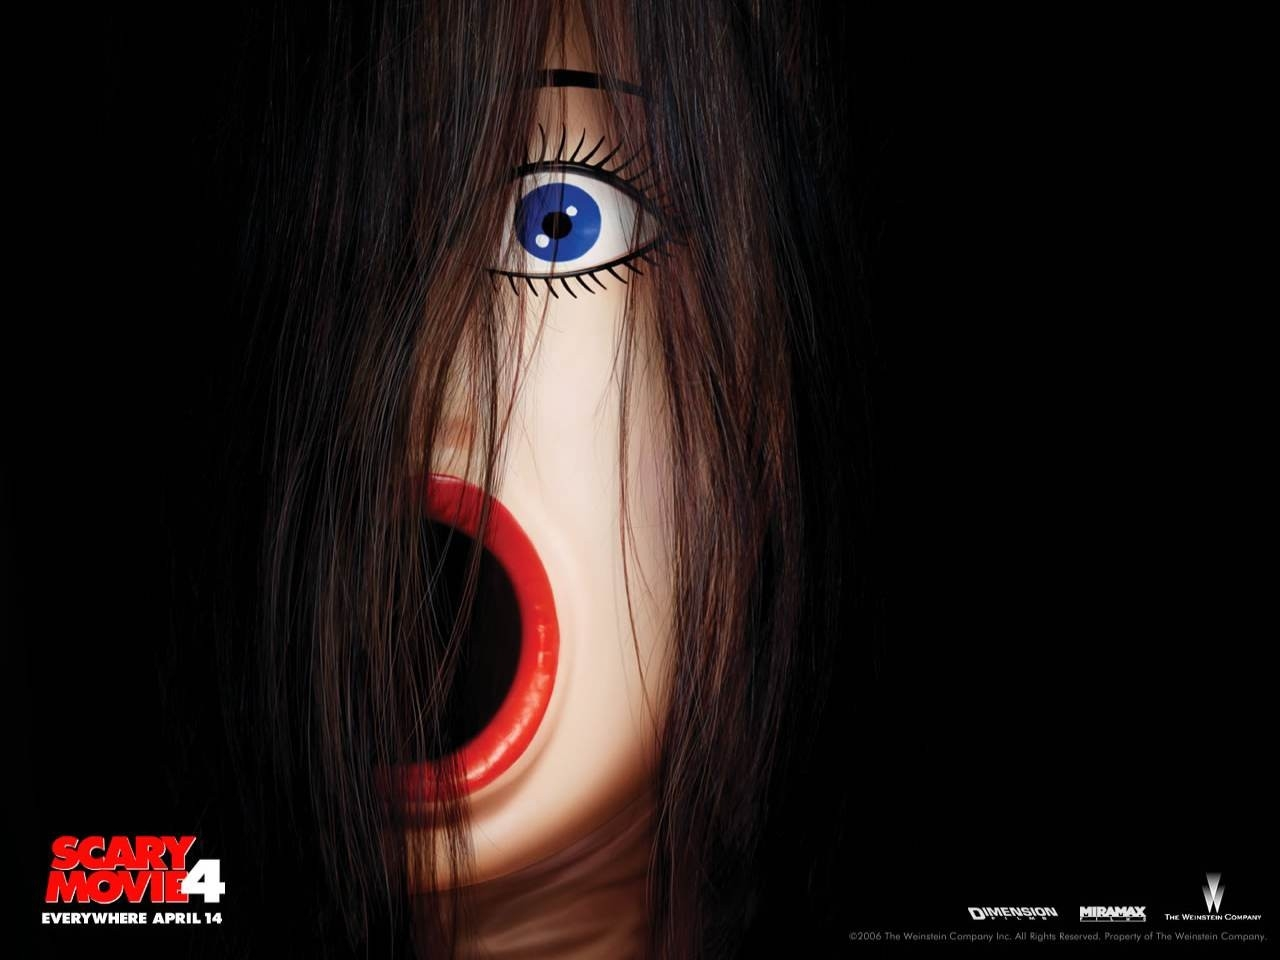 Wallpaper del film Scary Movie 4